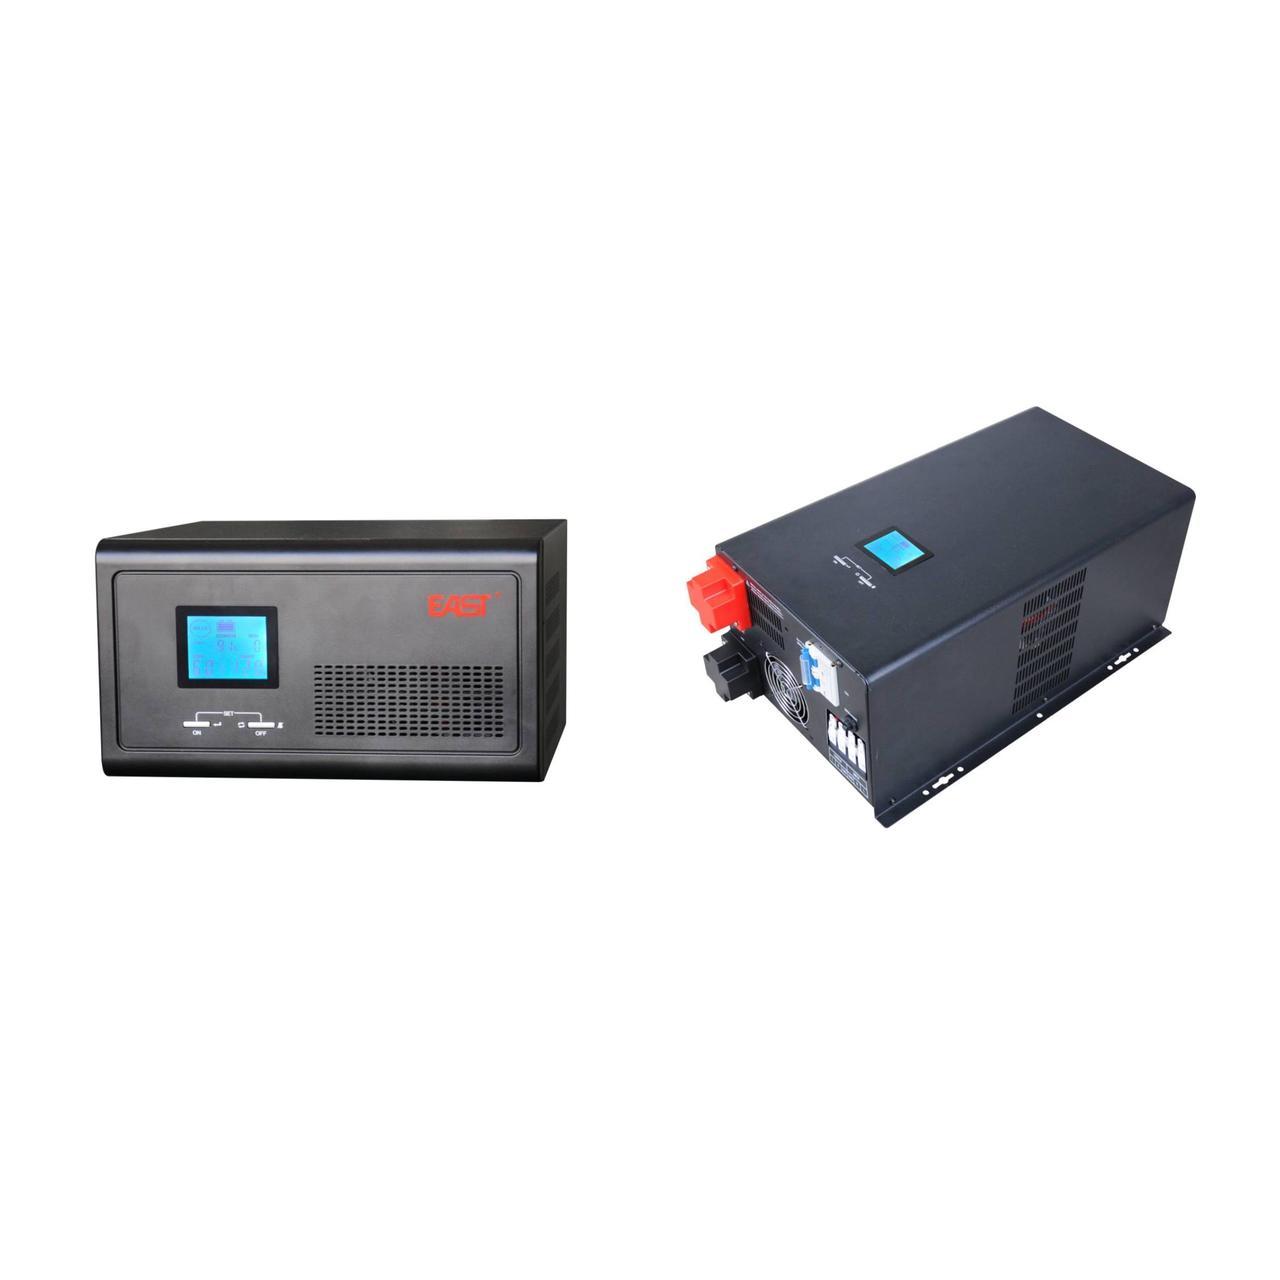 Инвертор, 1600Вт, источник бесперебойного питания, работающие от внешних аккумуляторных батарей.